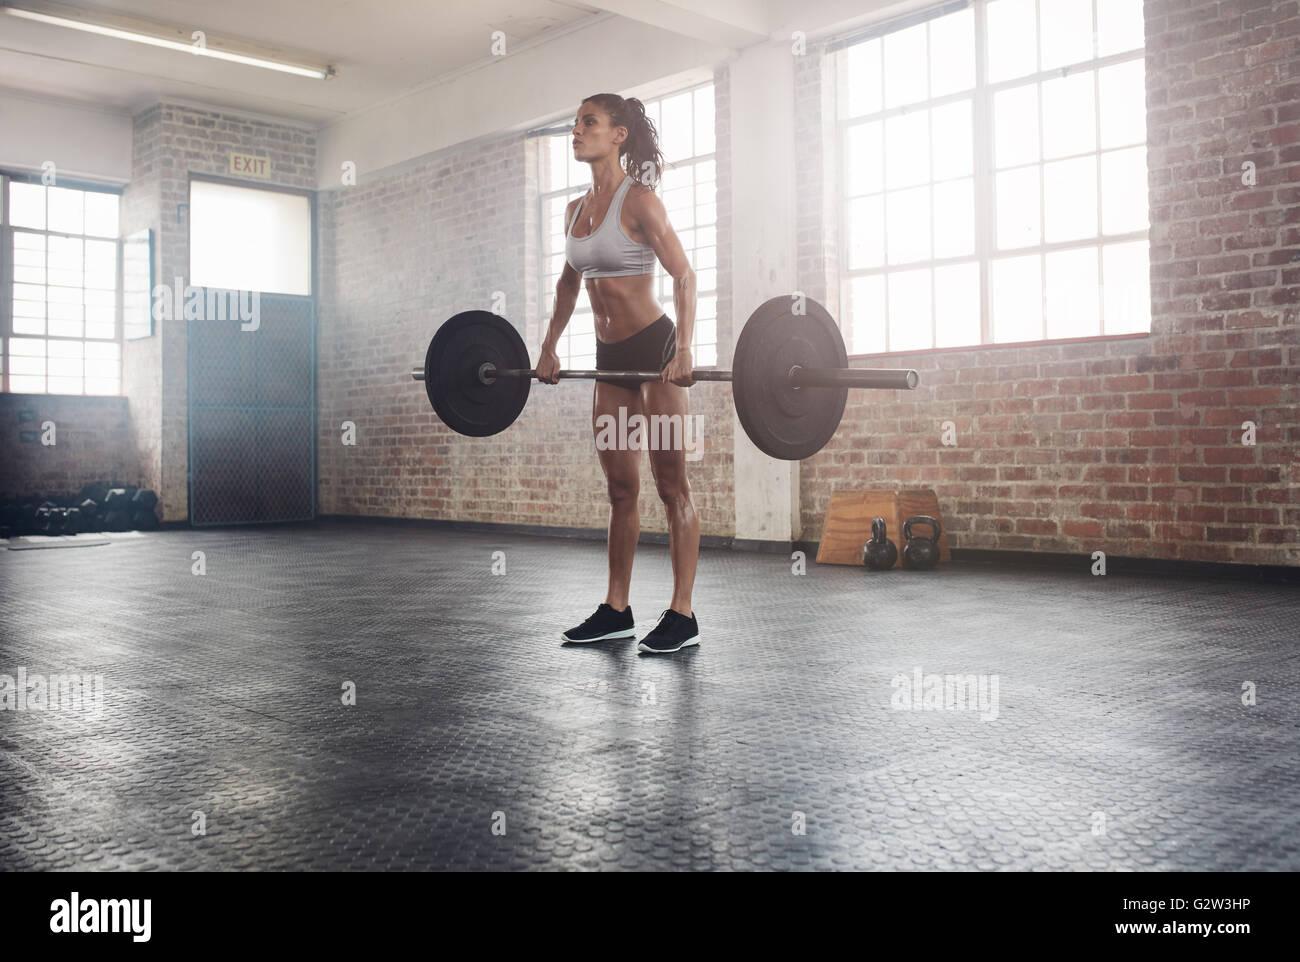 Fitness mujer preparando para practicar deadlift con pesos pesados en el gimnasio. Mujeres haciendo el levantamiento Imagen De Stock